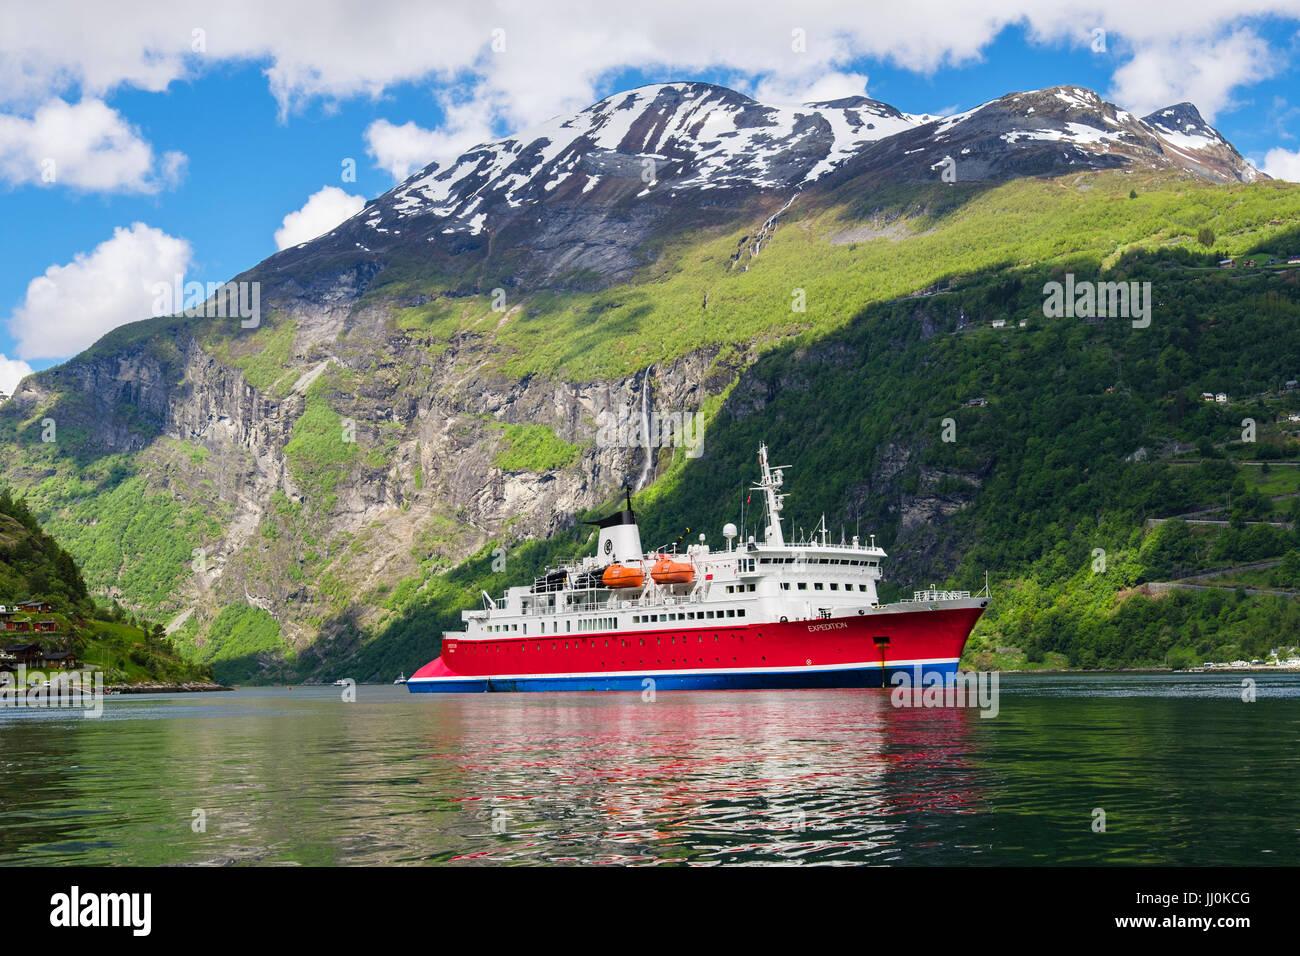 Kleine Kreuzfahrt Schiff G Abenteuer Expedition im malerischen Geirangerfjord oder Geiranger Fjord im Sommer verankert. Stockbild